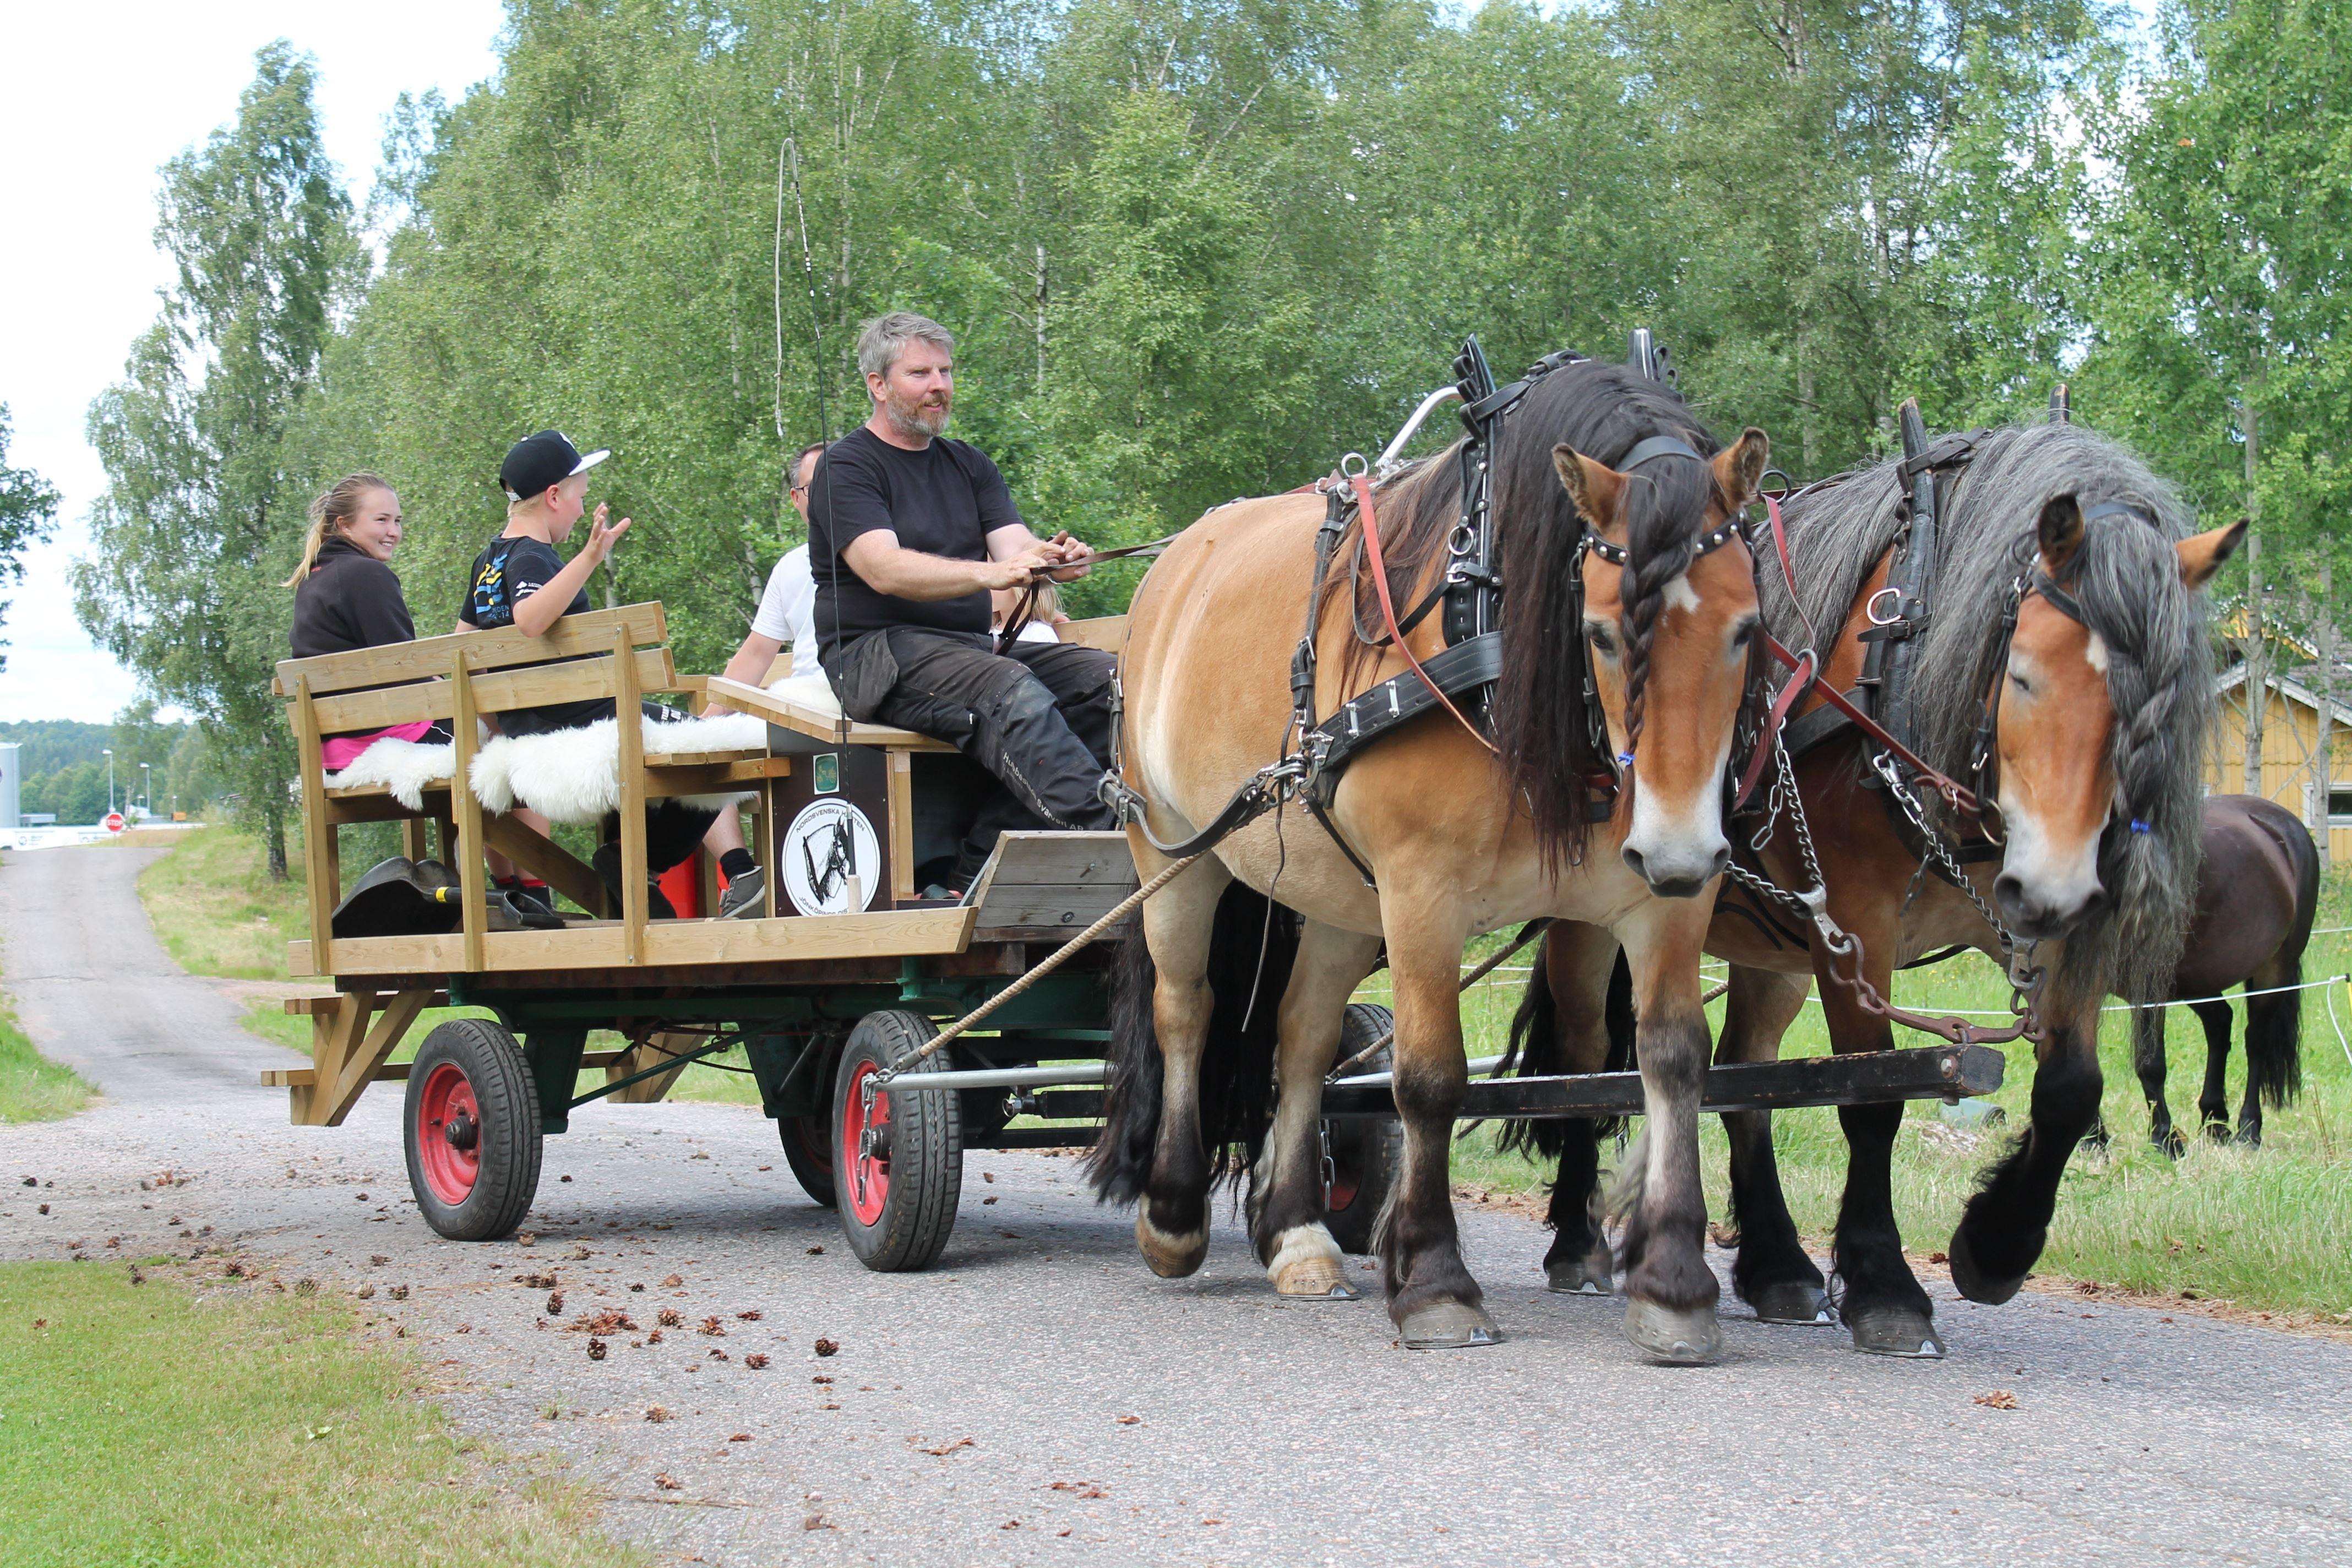 Karin Torstensson , Rundfahrt mit der Pferdekutsche in Fållinge.